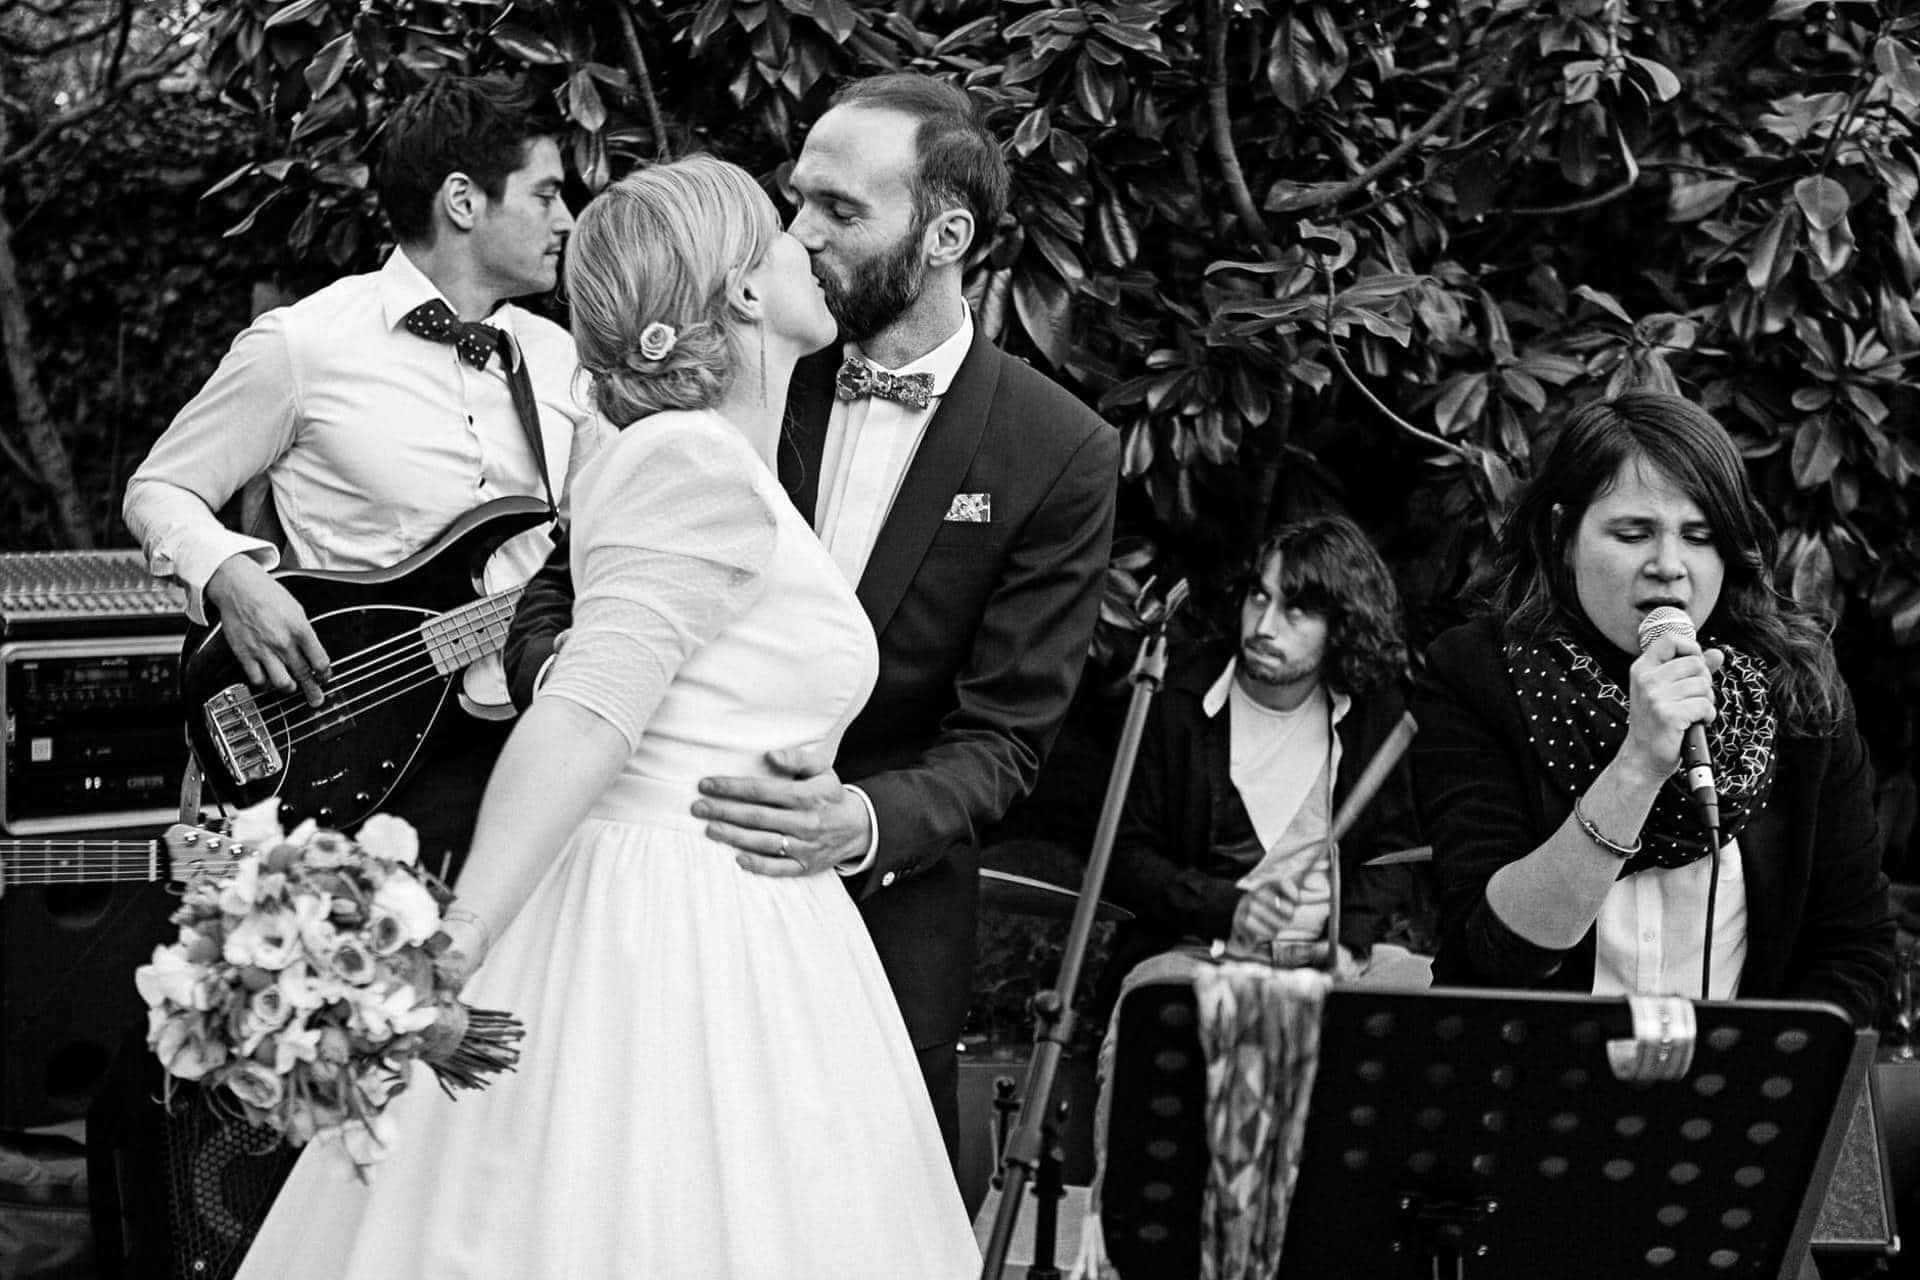 concert avec les mariés au domaine de Quincampoix Ernestine et sa famille photographe de mariage à l'approche reportage